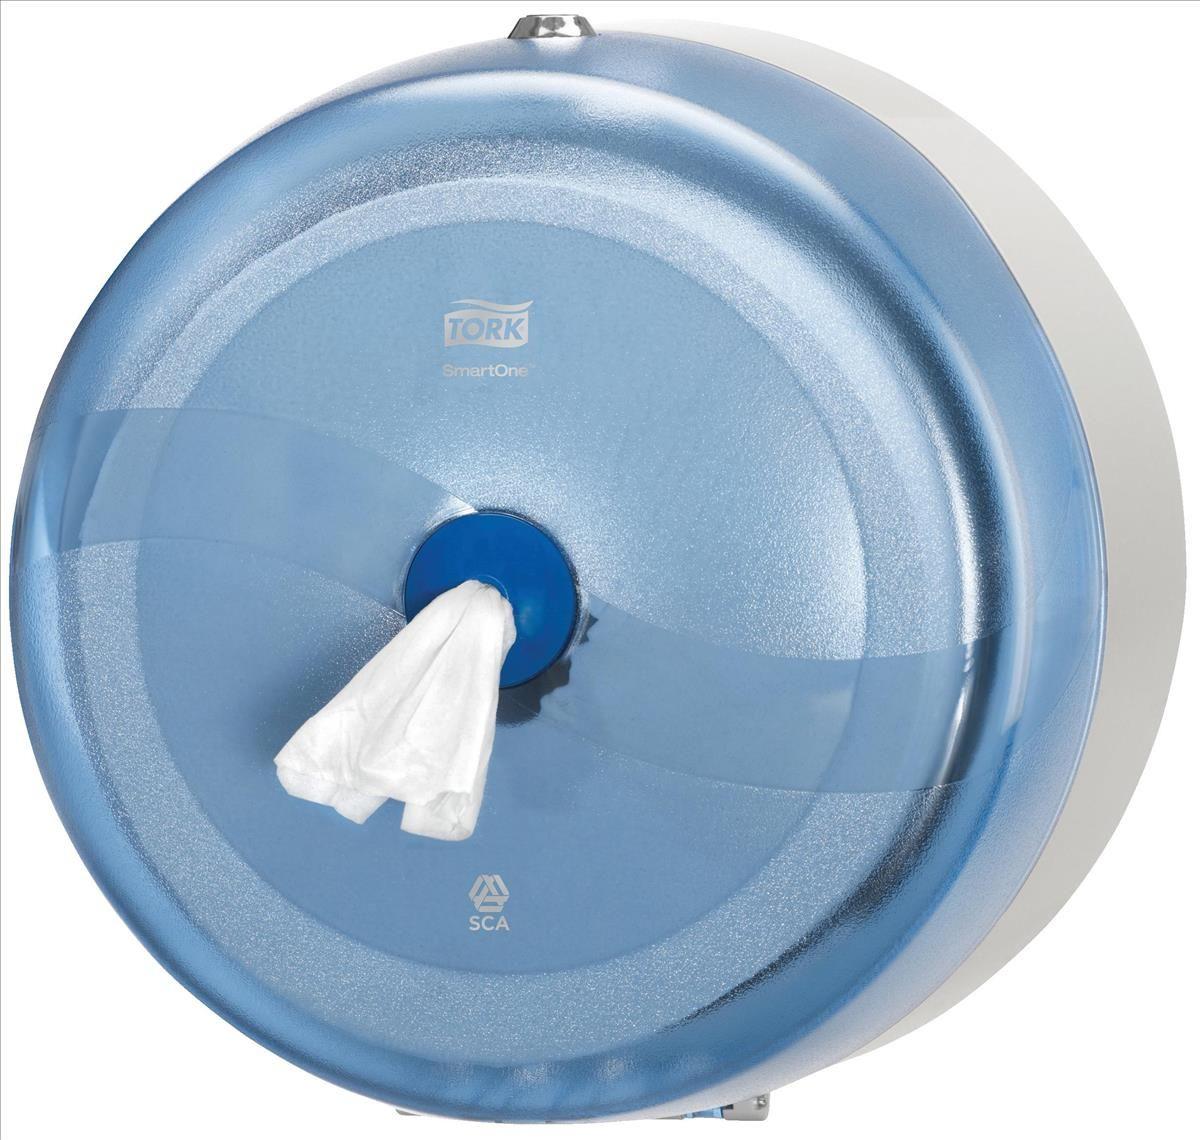 Диспенсер для туалетной бумаги Tork, цвет: синий. 472024472024Система Т8 - бумага в рулонах с центральной вытяжкой Яркий синий цвет, высокая прочность и долговечность - главные качество Tork диспенсеров серии Wave. Обладает противоударной и противопожарной защитой, закрывается на металлический замок. Выдает туалетную бумагу Торк короткими листами - это отличное решение для исключения перерасхода бумаги. Расход бумаги уменьшается на 40 процентов. Съемная втулка легко вынимается, оставляя свободным конец рулона (технология SmartCore TM). Подходит для мест с высокой проходимостью: школы, торговые центры, больницы, вокзалы, аэропорты. Гигиеничность использования - бесконтактный отбор бумаги Прочная конструкция из поликарбоната: антивандальные свойства